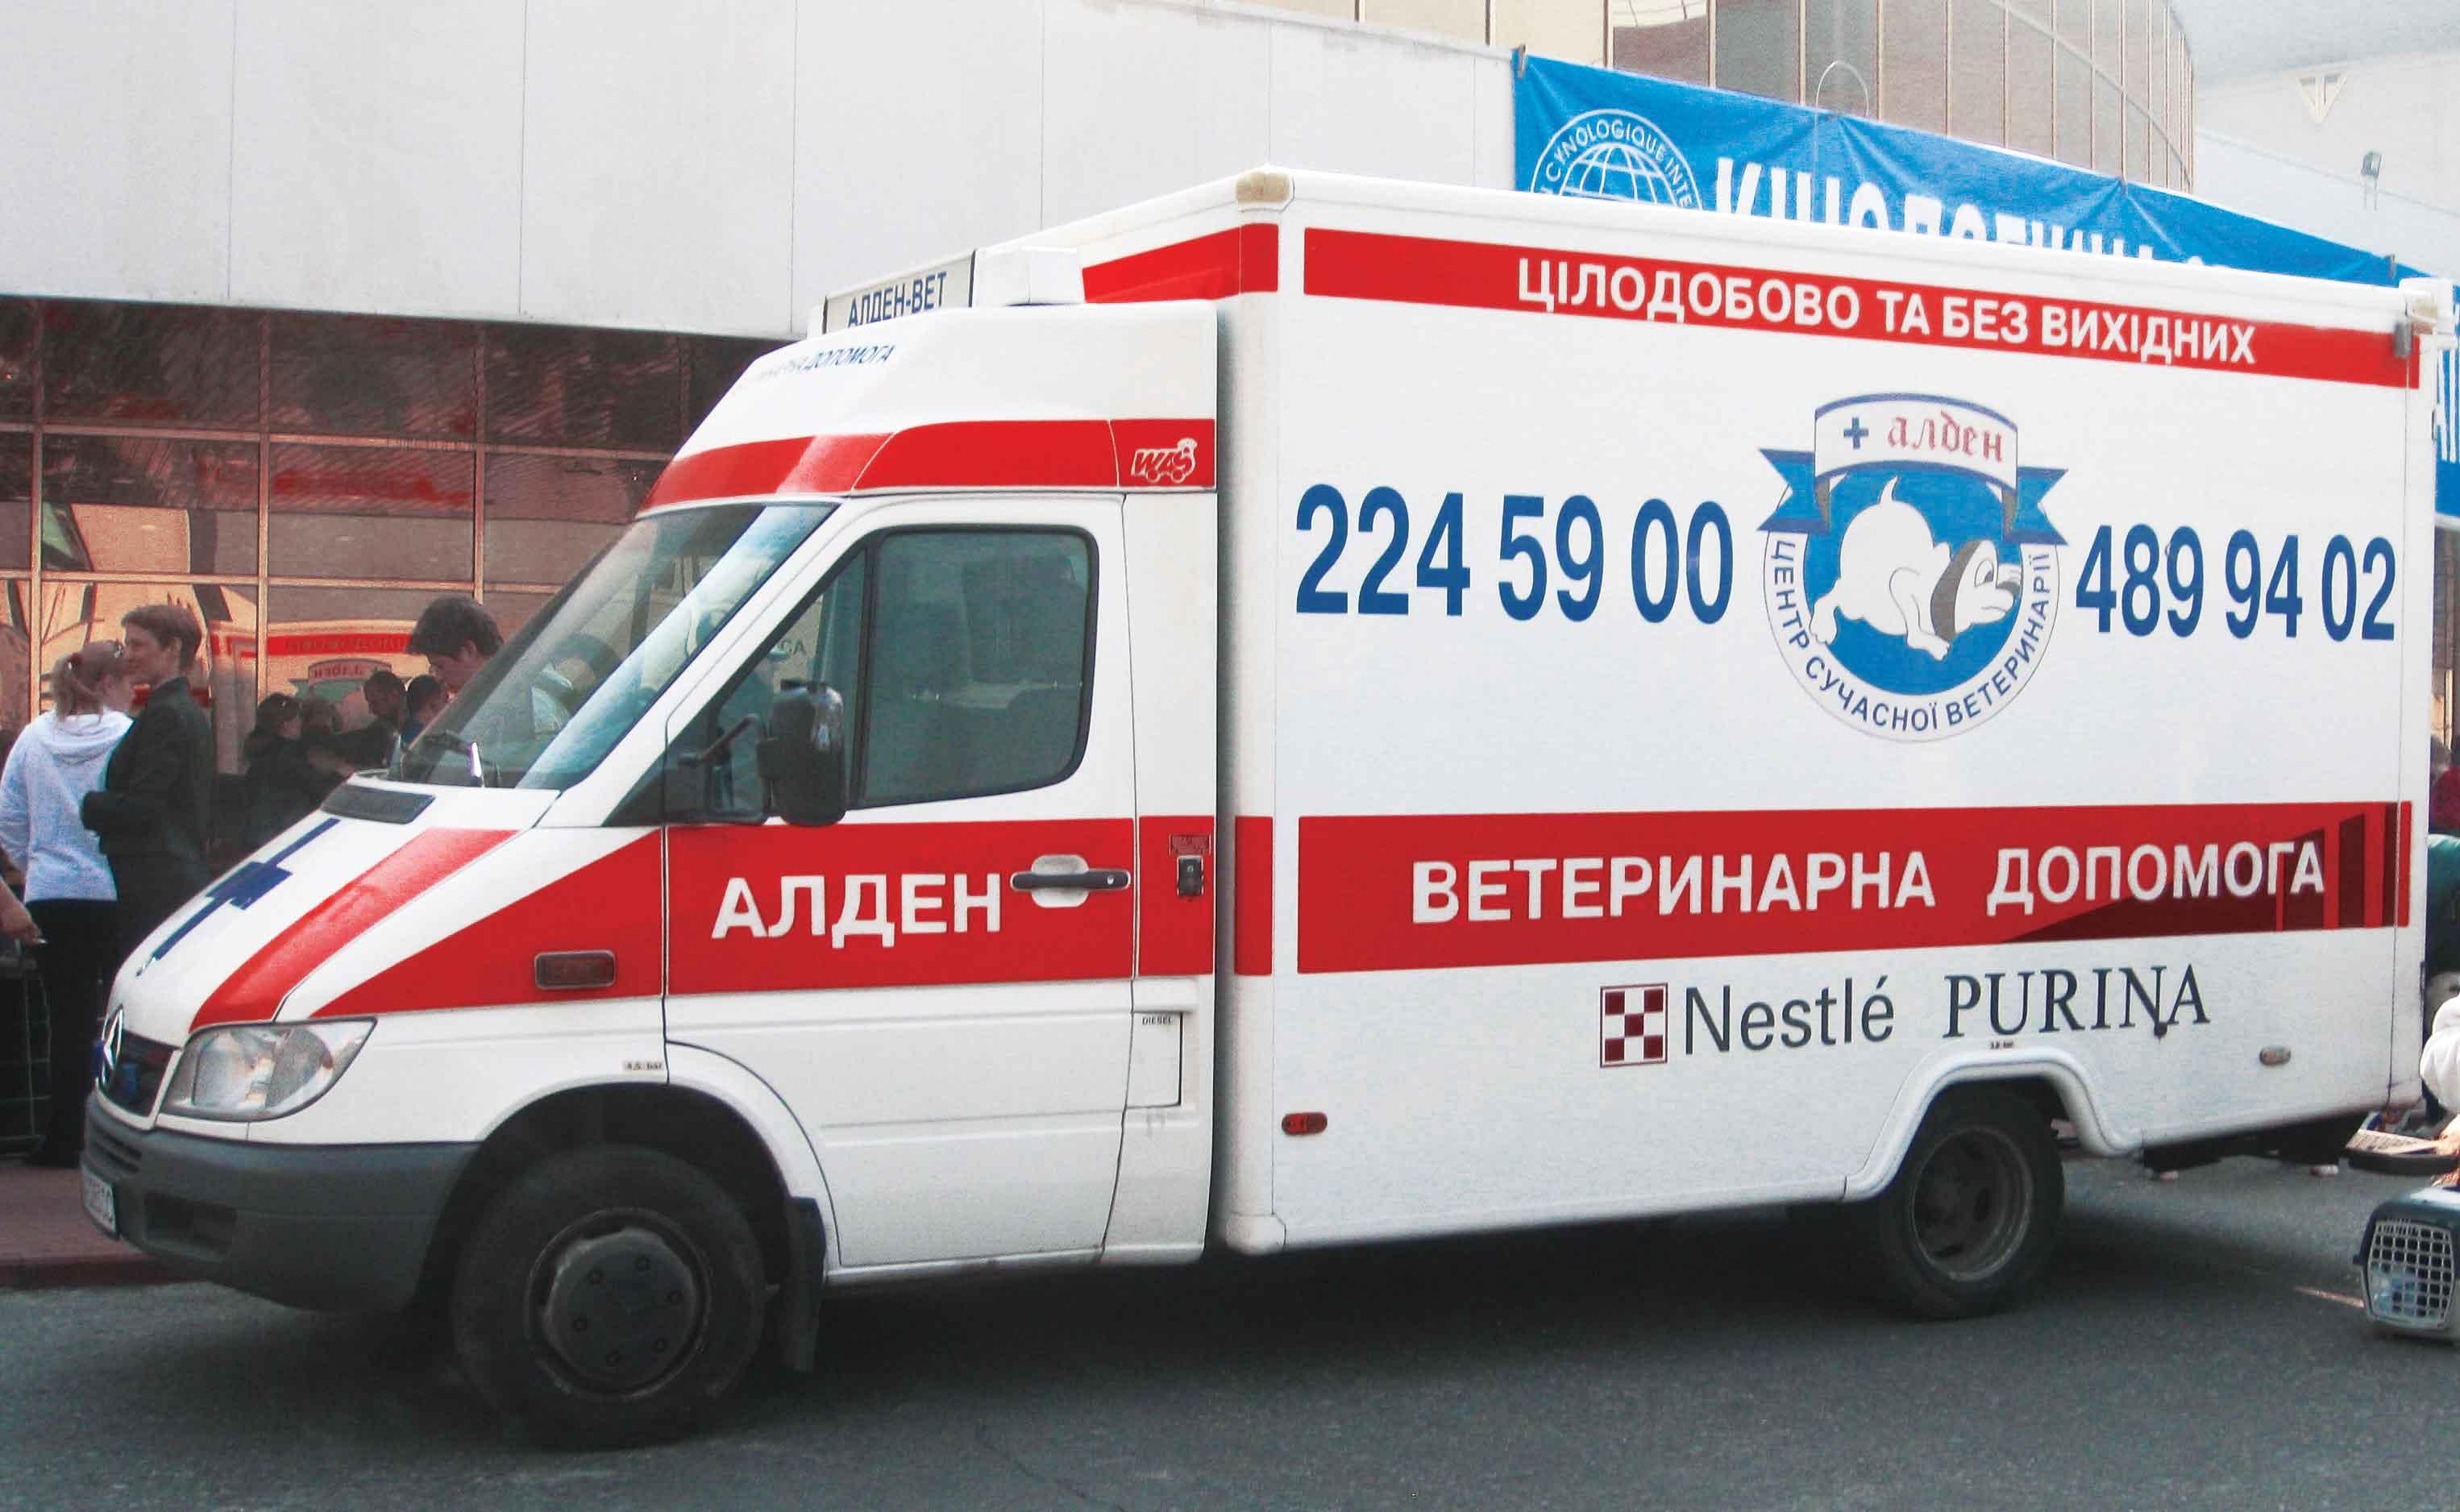 aldenvet_emergency_car